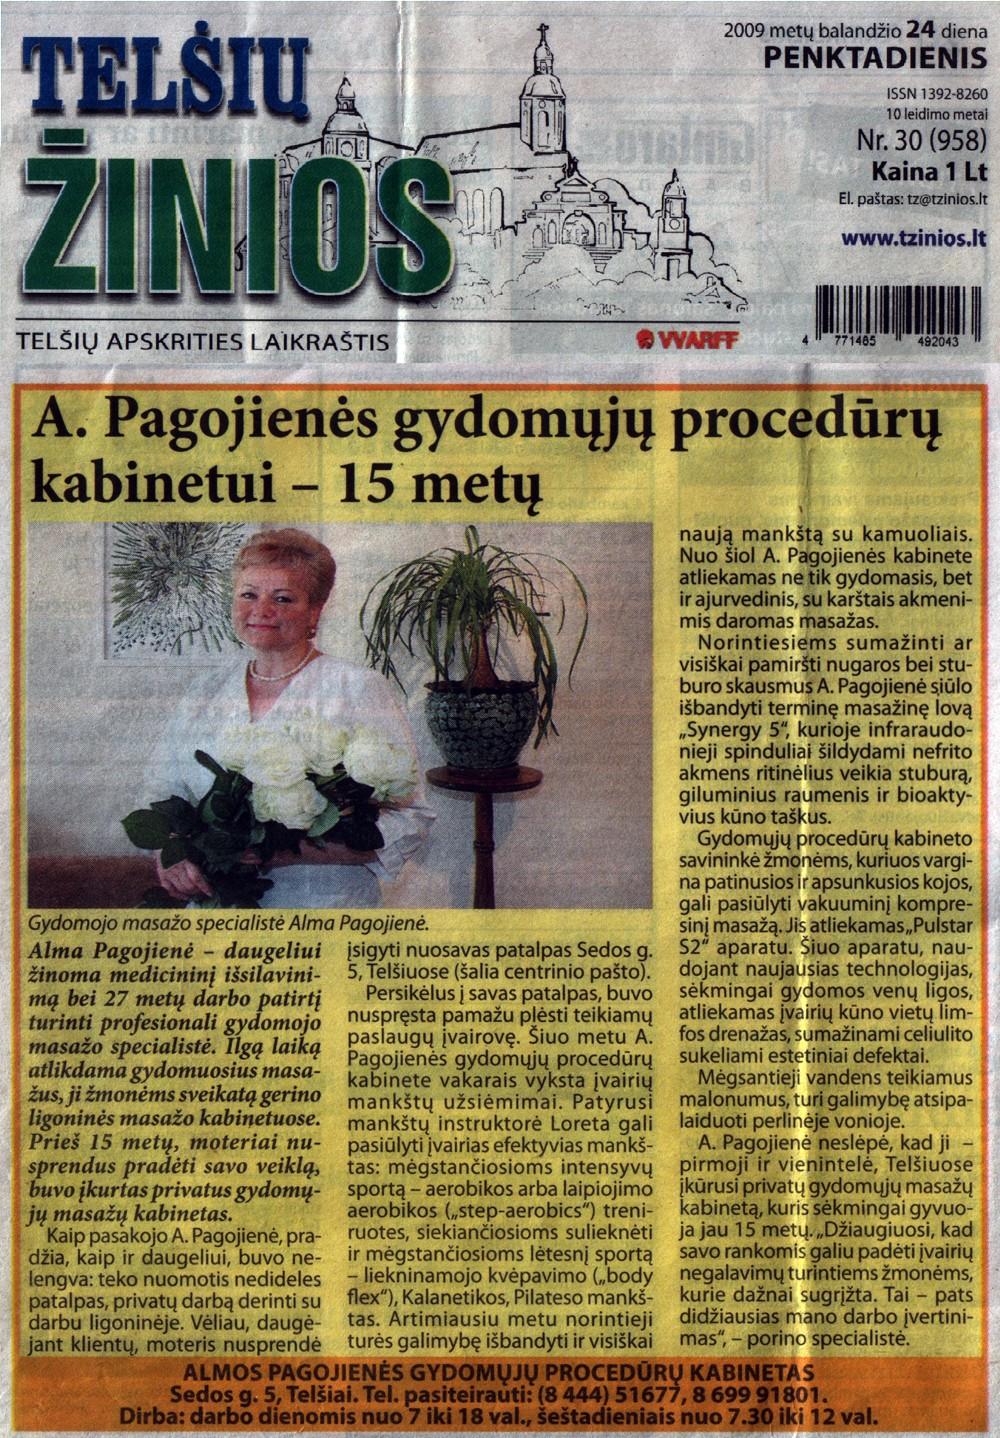 """2009.04.24 """"Telšių žinios"""""""